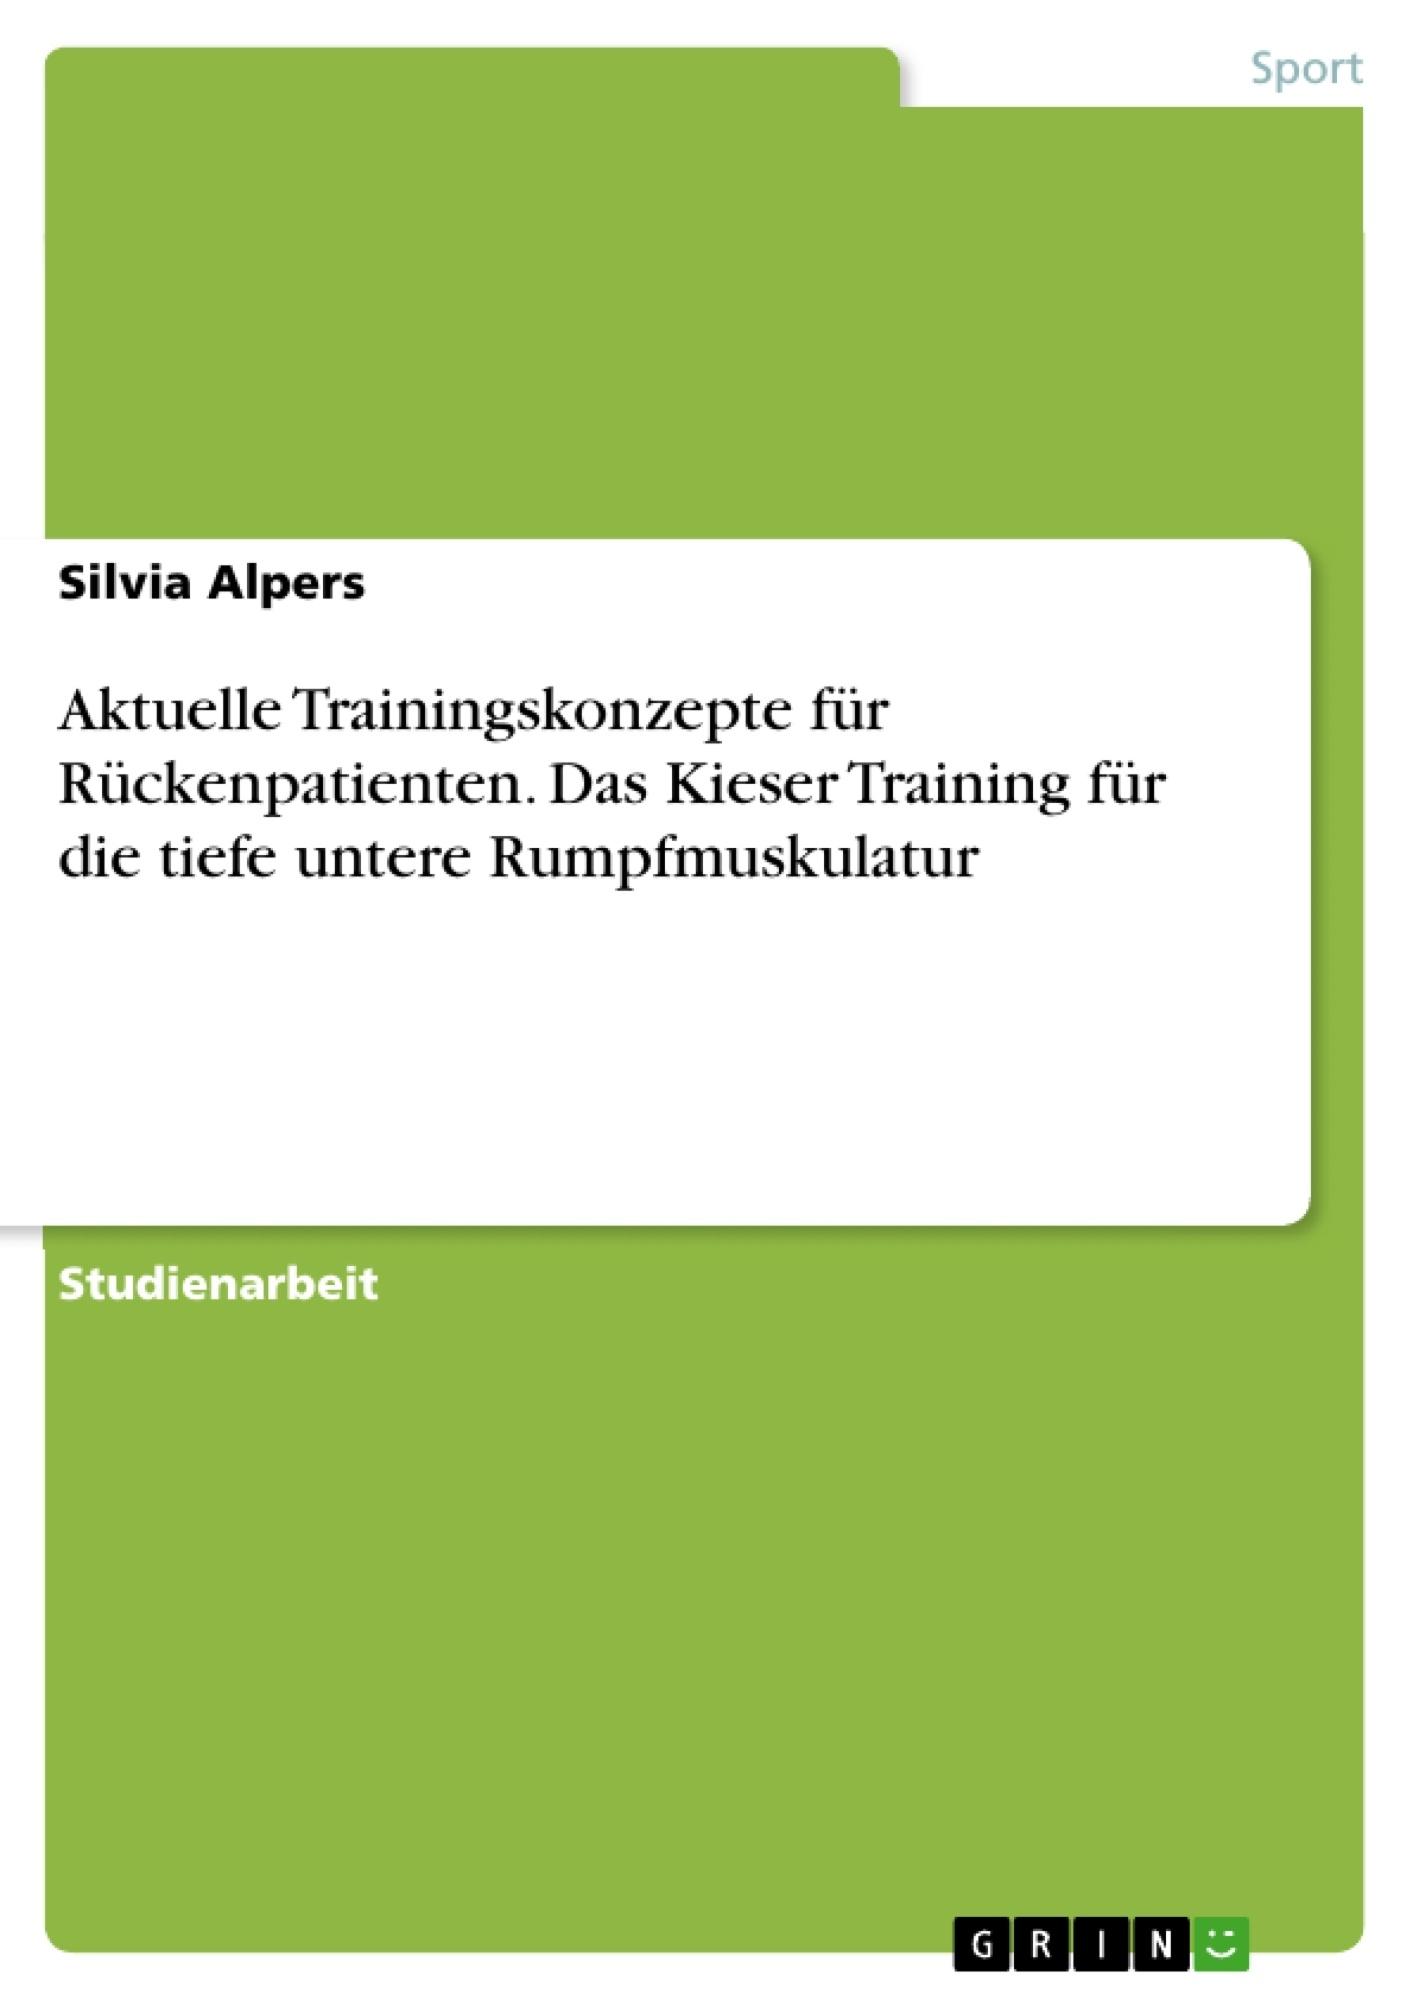 Titel: Aktuelle Trainingskonzepte für Rückenpatienten. Das Kieser Training für die tiefe untere Rumpfmuskulatur